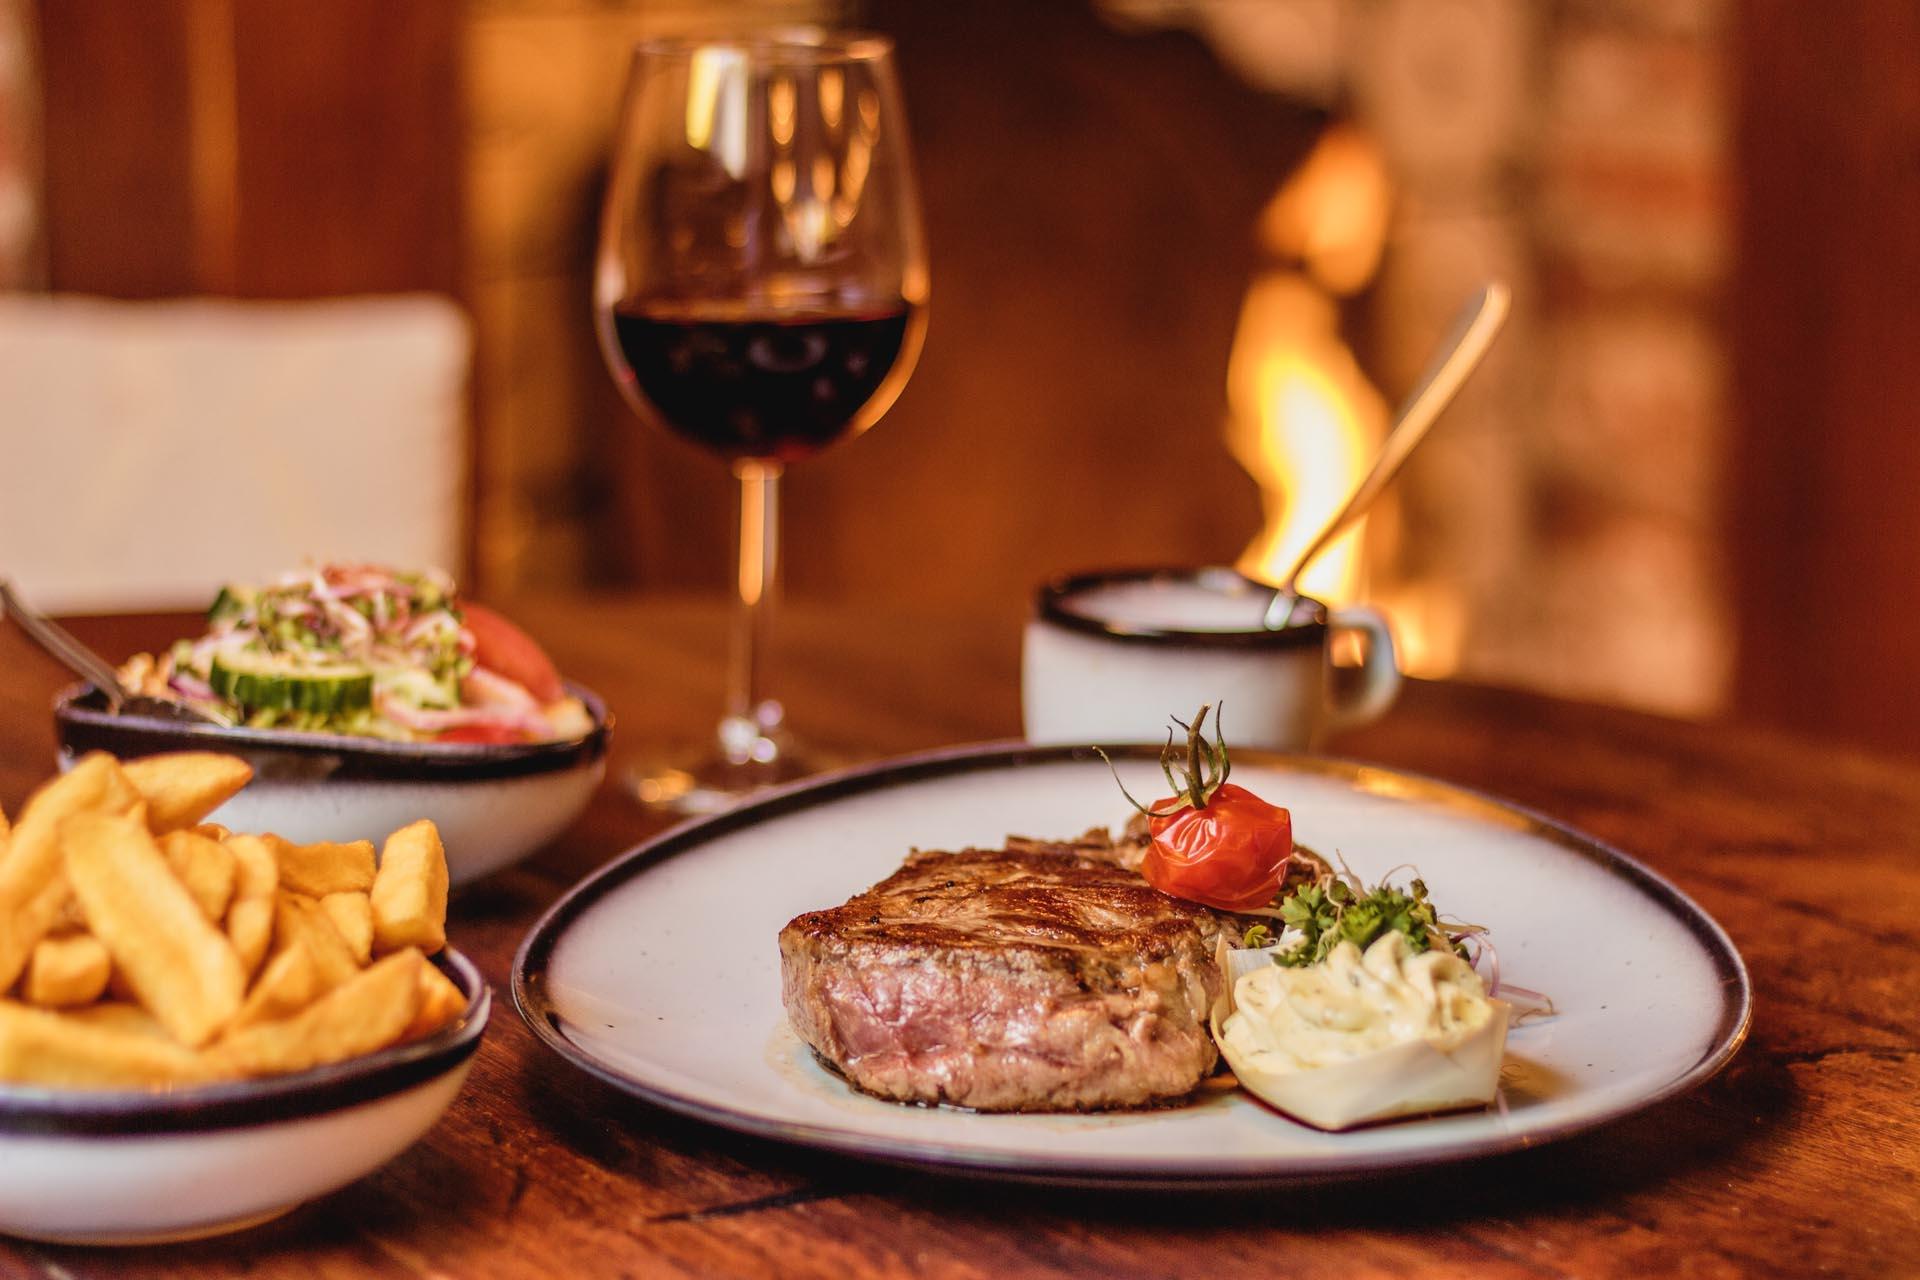 Volledig diner met een malse steak, verse frites, salade en rode wijn bij restaurant de klimop ameland